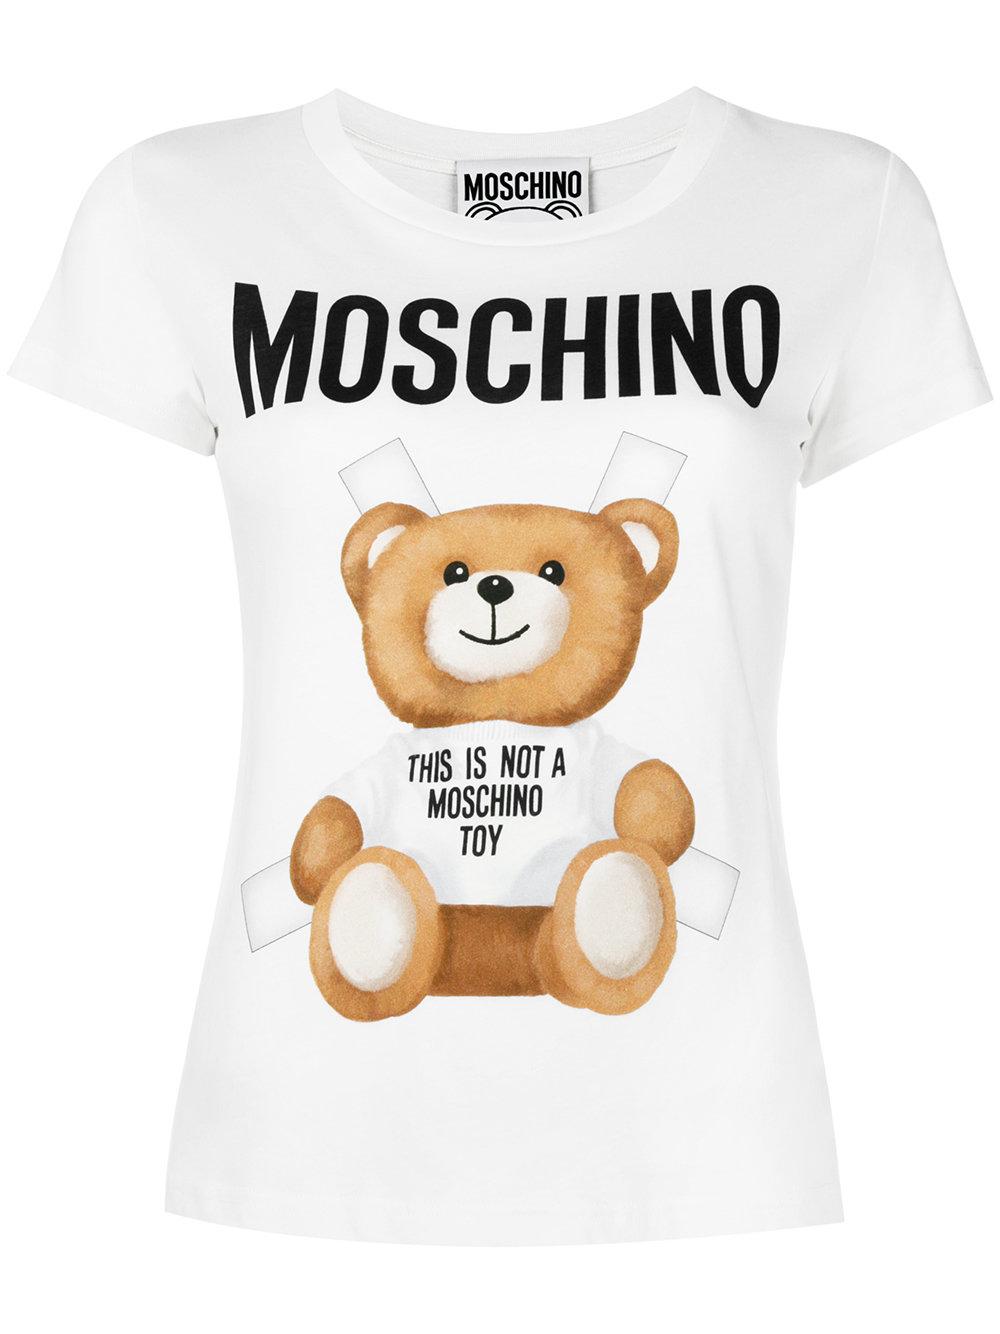 Moschino TSHIRT S ORSOLIM